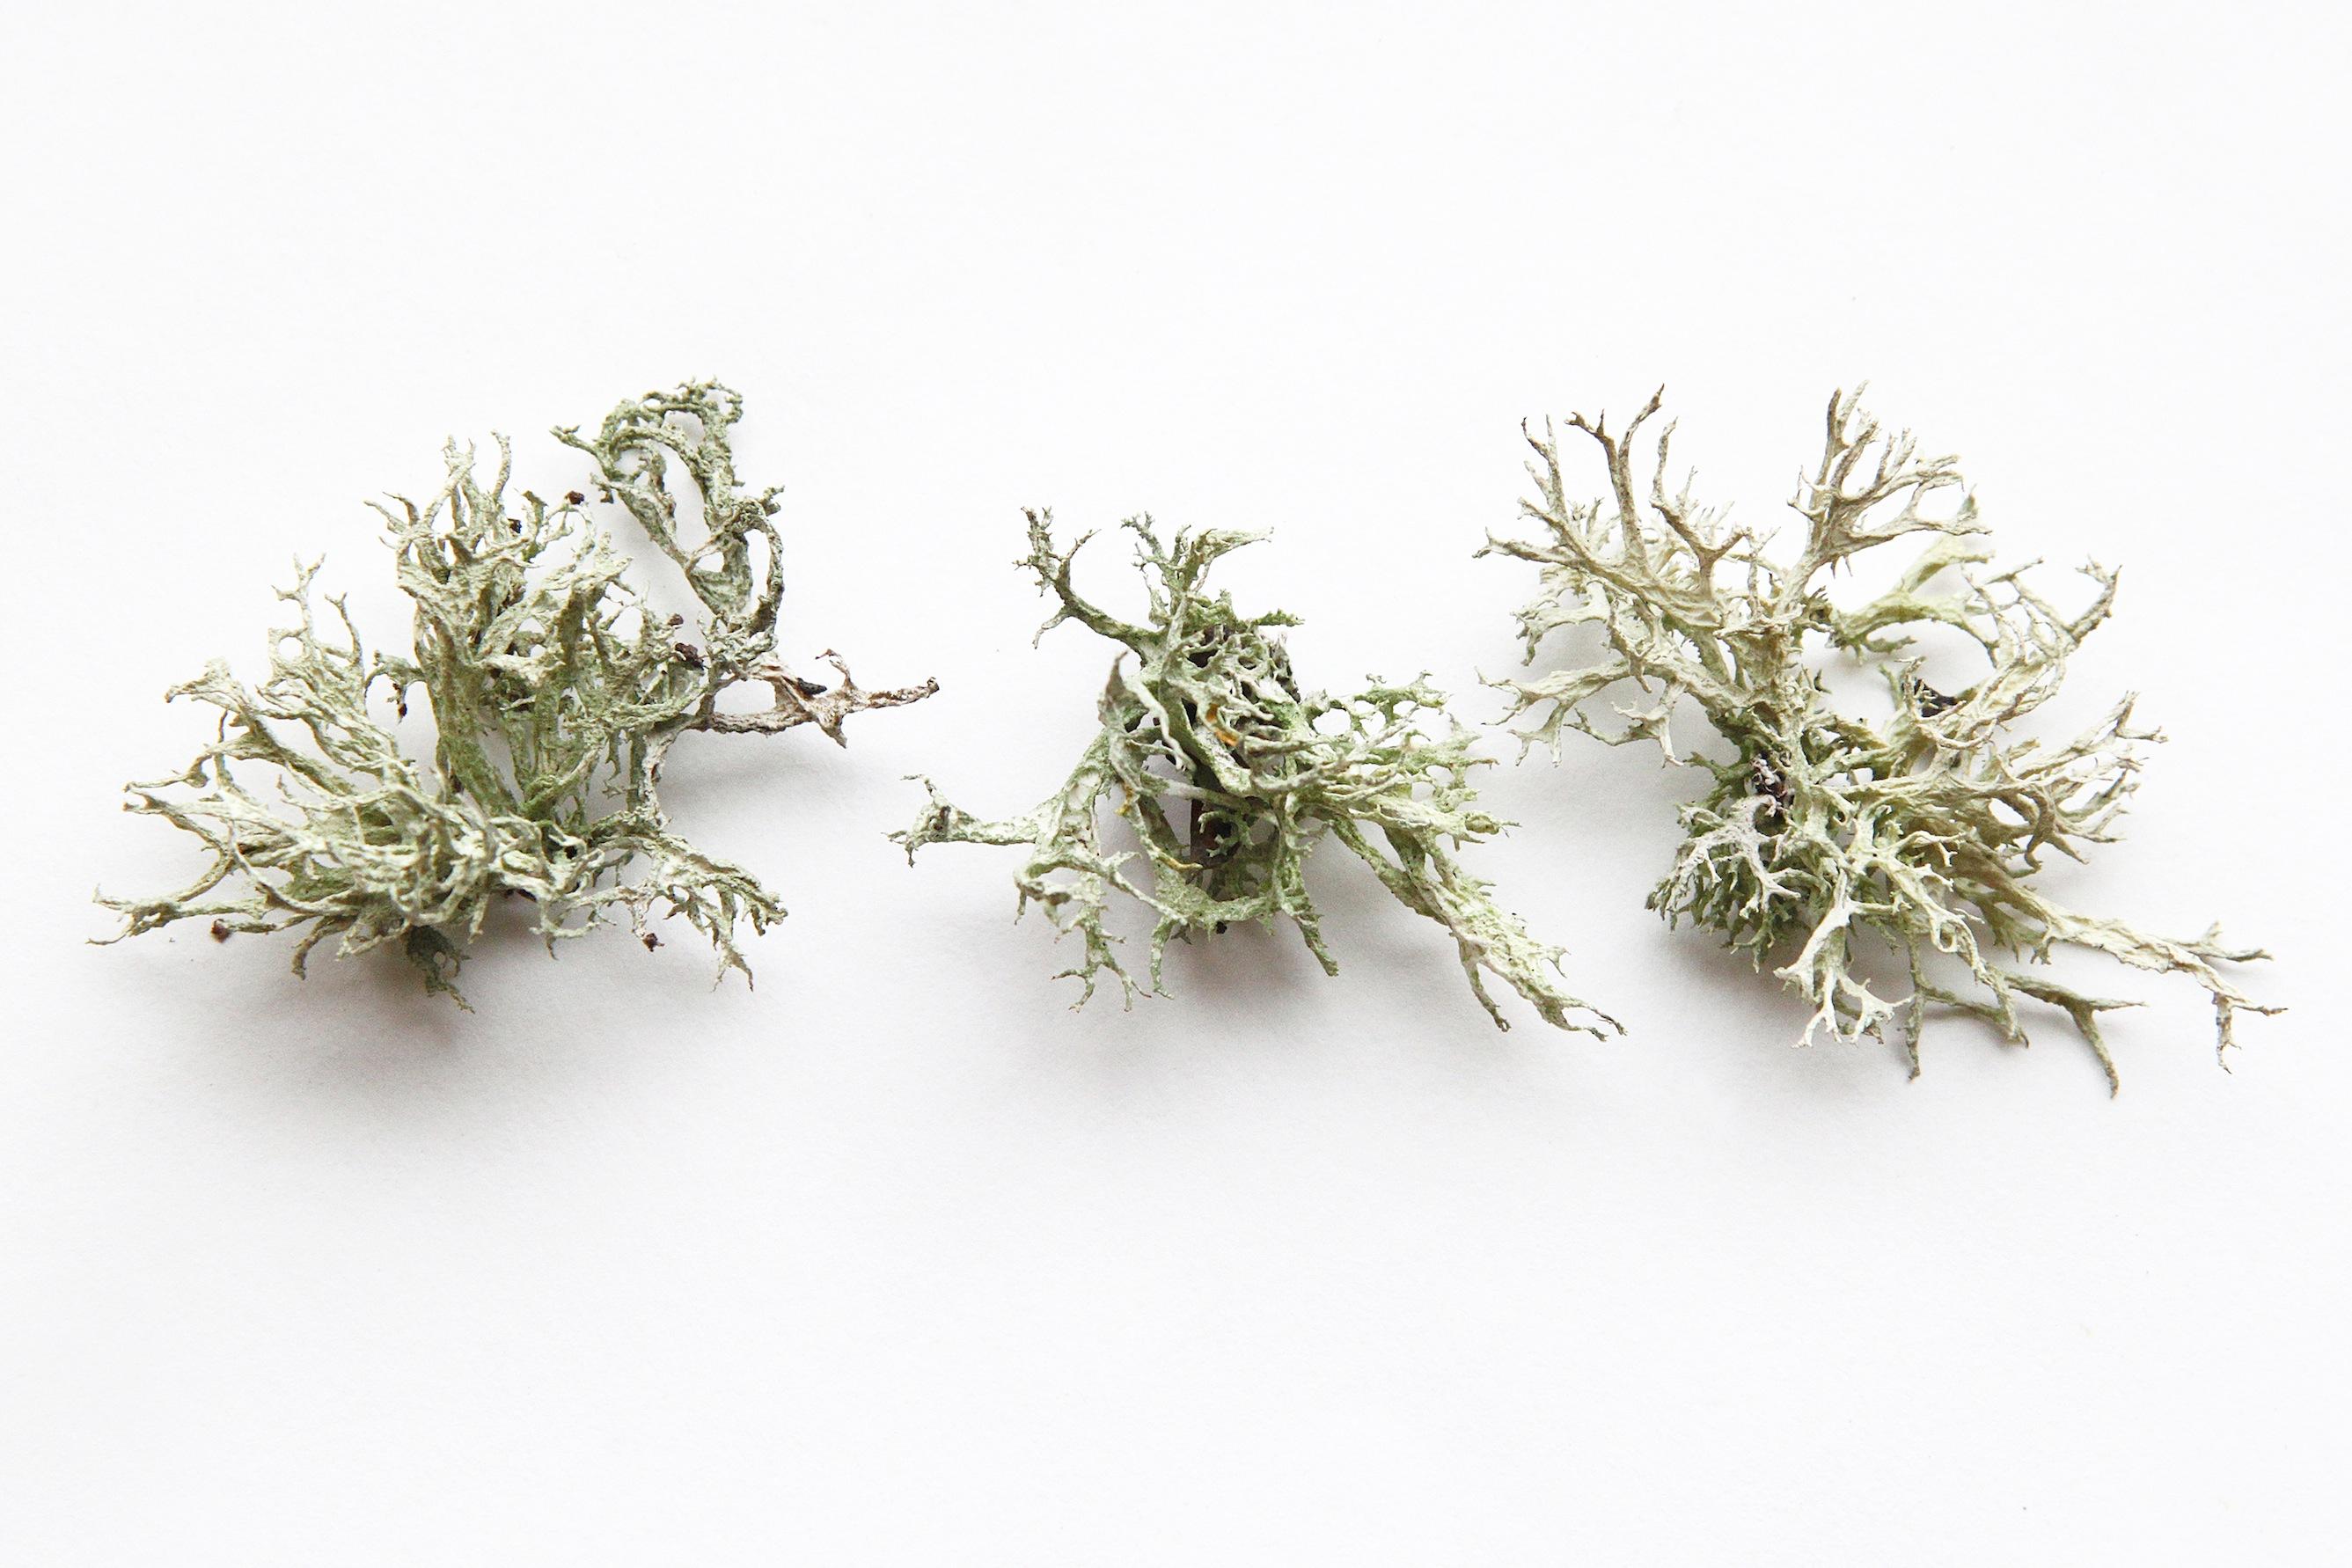 reindeer lichen